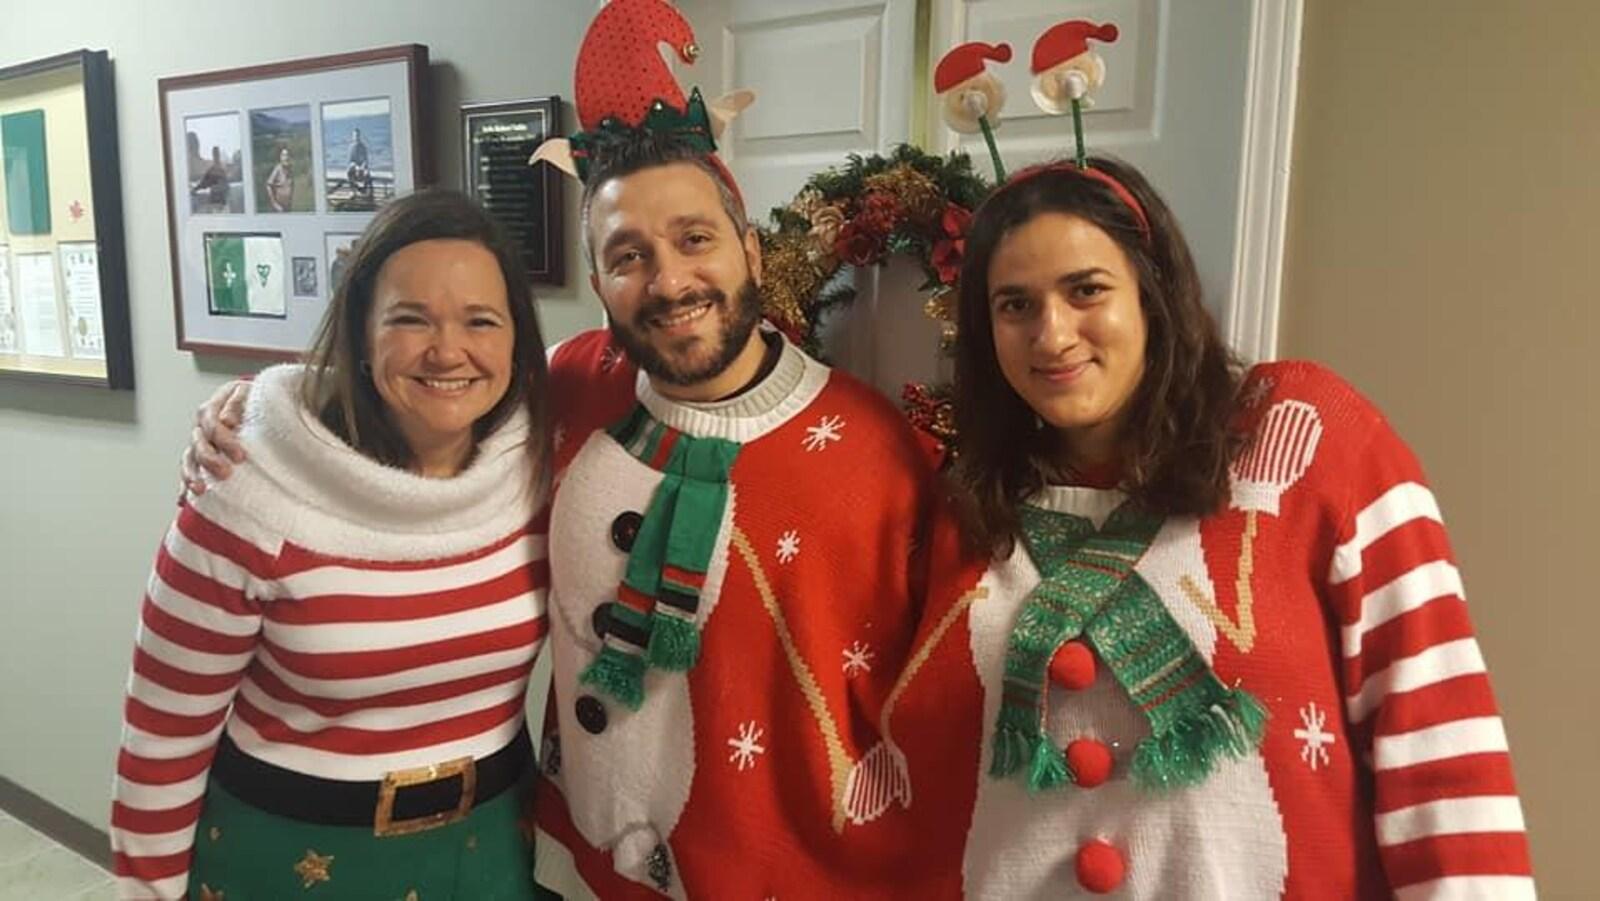 Trois personnes souriantes, habillées selon une thématique de Noël.